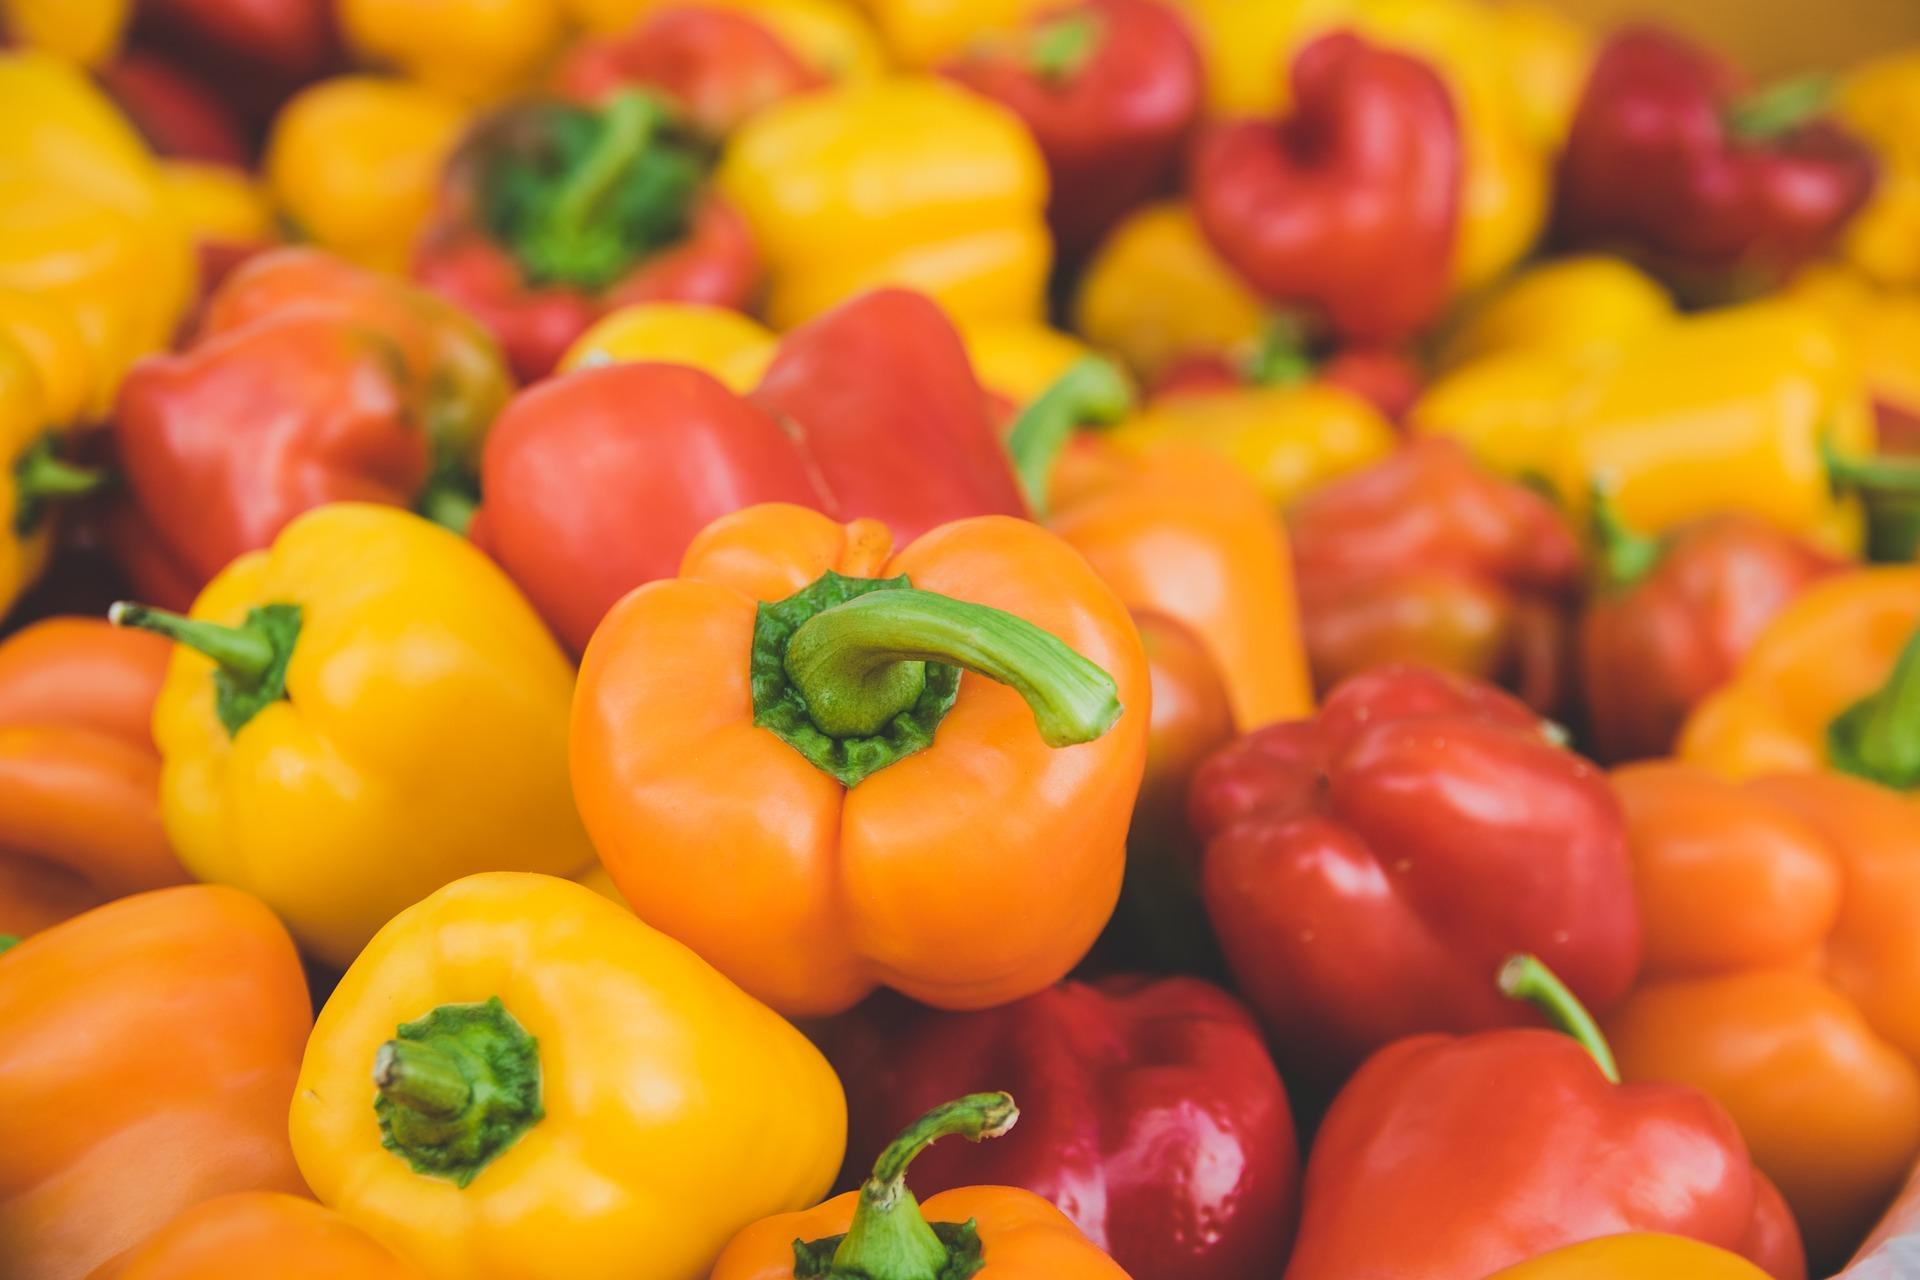 PEPERONE - Ricco di vitamine e sapore!Ricchissimo di beta-carotene e vitamina A che aiuta a proteggere la pelle dai raggi dannosi del sole (ottimo alleato della Crema Solare) e mantiene in buona salute le nostre ossa. Inoltre 100 gr. di peperoni rappresentano più del 200% della dose consigliata di vitamina C giornaliera. Composti da più del 90% di acqua, sono ricchissimi di sali minerali e a basso contenuto calorico (ca. 30 kcal per 100 gr). Insomma, un cibo perfetto per l'estate con cui si possono preparare piatti facili e veloci, sia caldi che freddi.